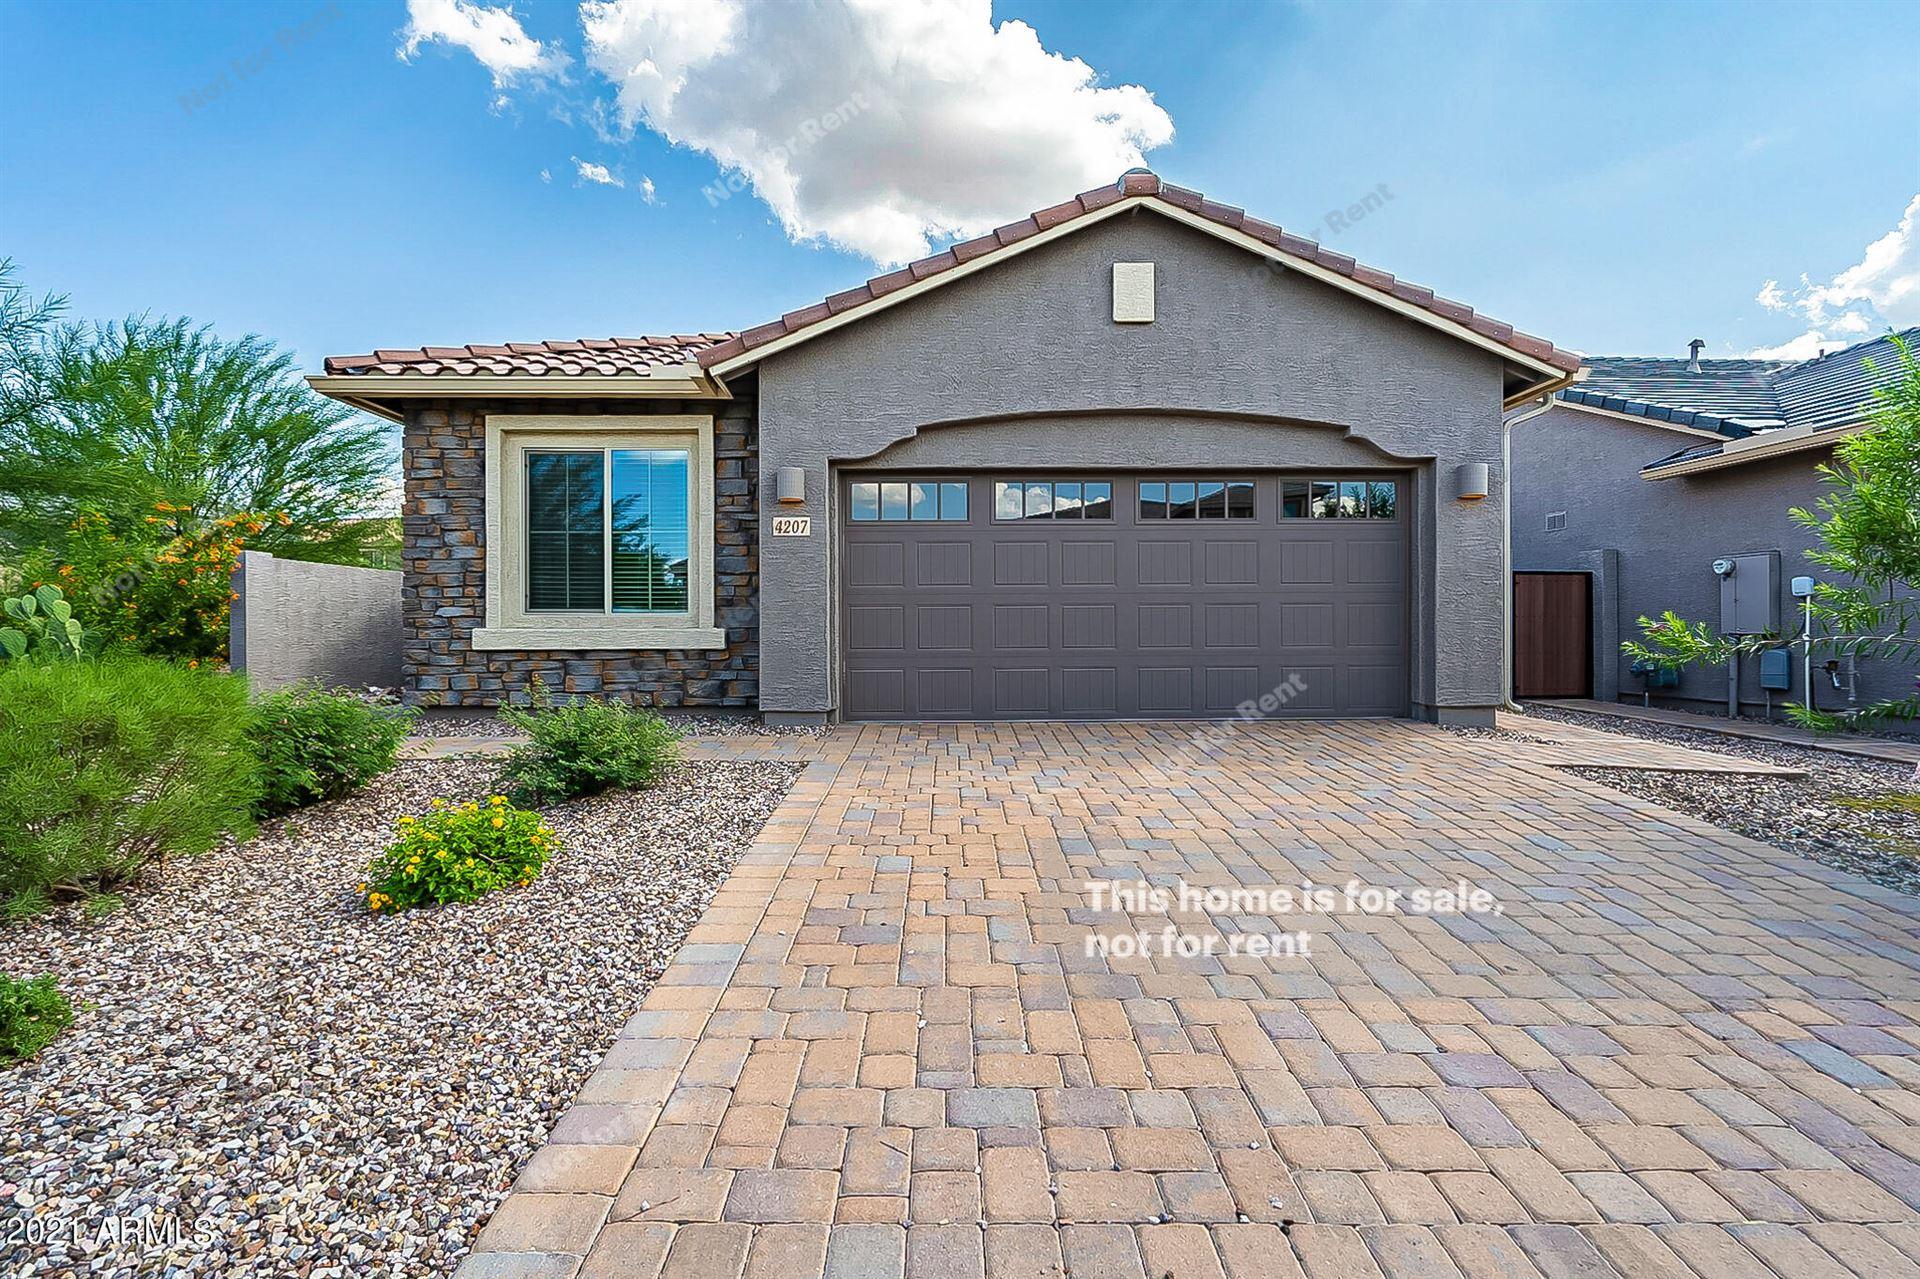 Photo of 4207 W BRADSHAW CREEK Lane, New River, AZ 85087 (MLS # 6283112)